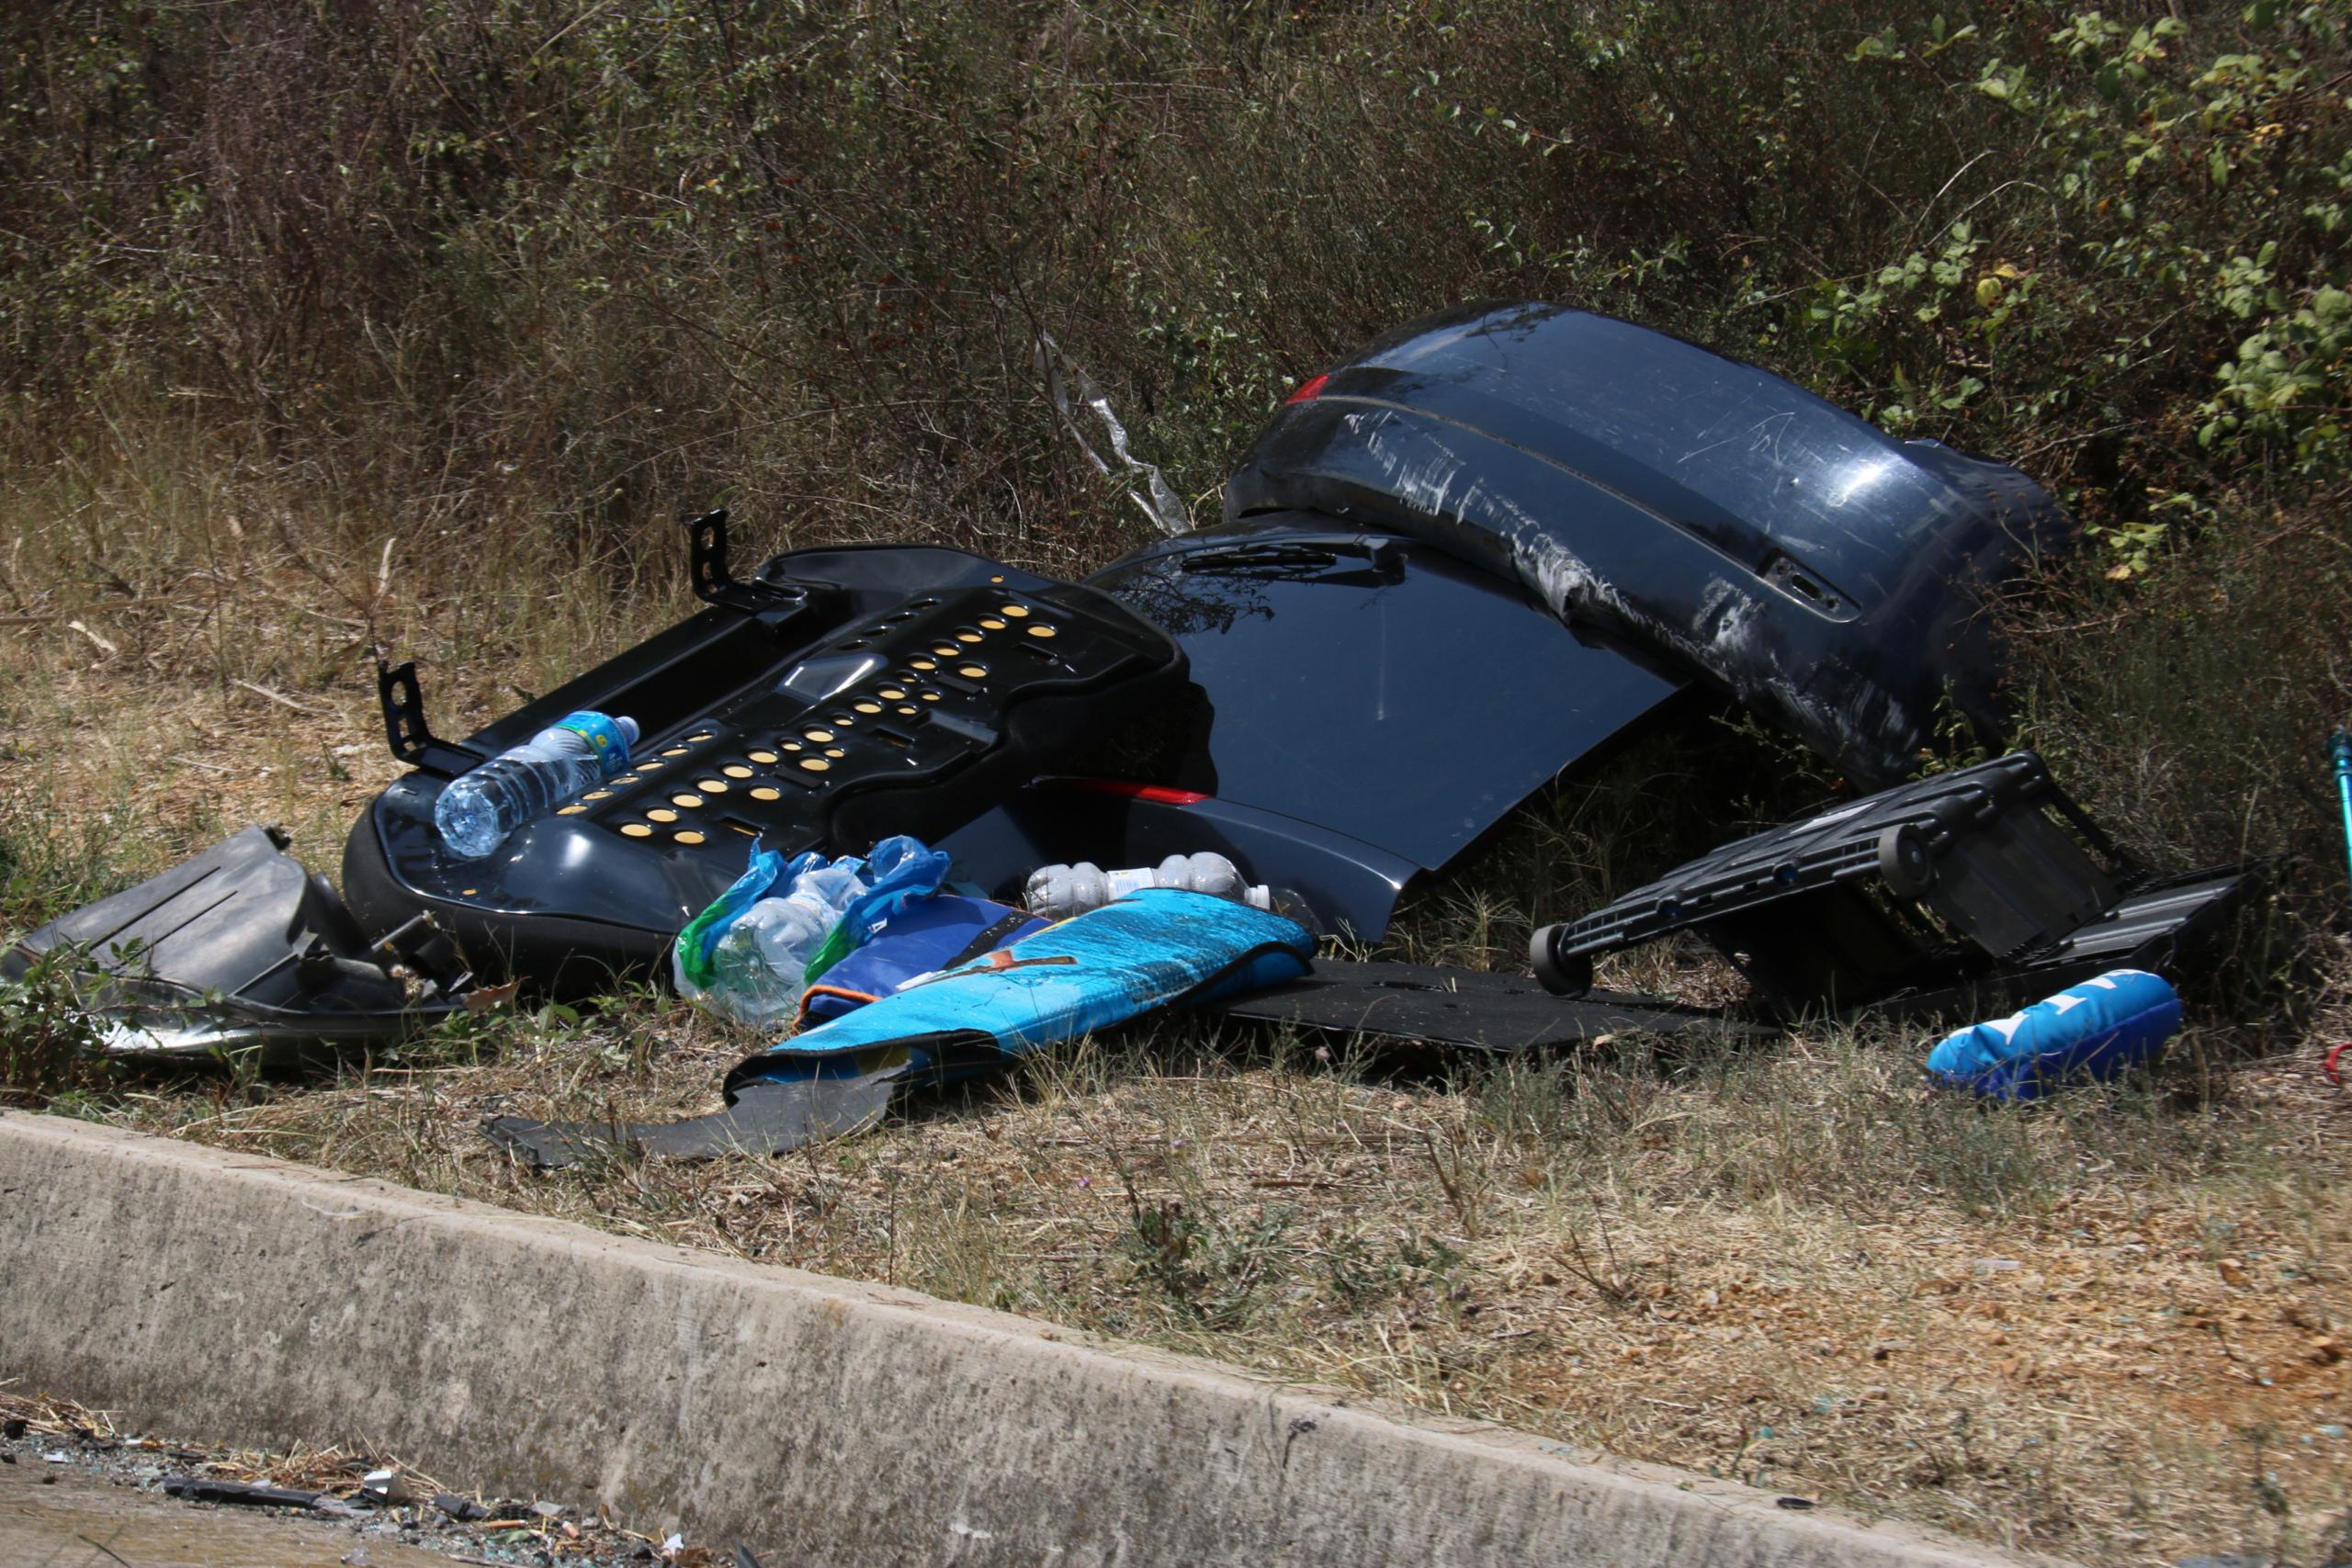 Les restes de l'accident de Fornells de la Selva   ACN